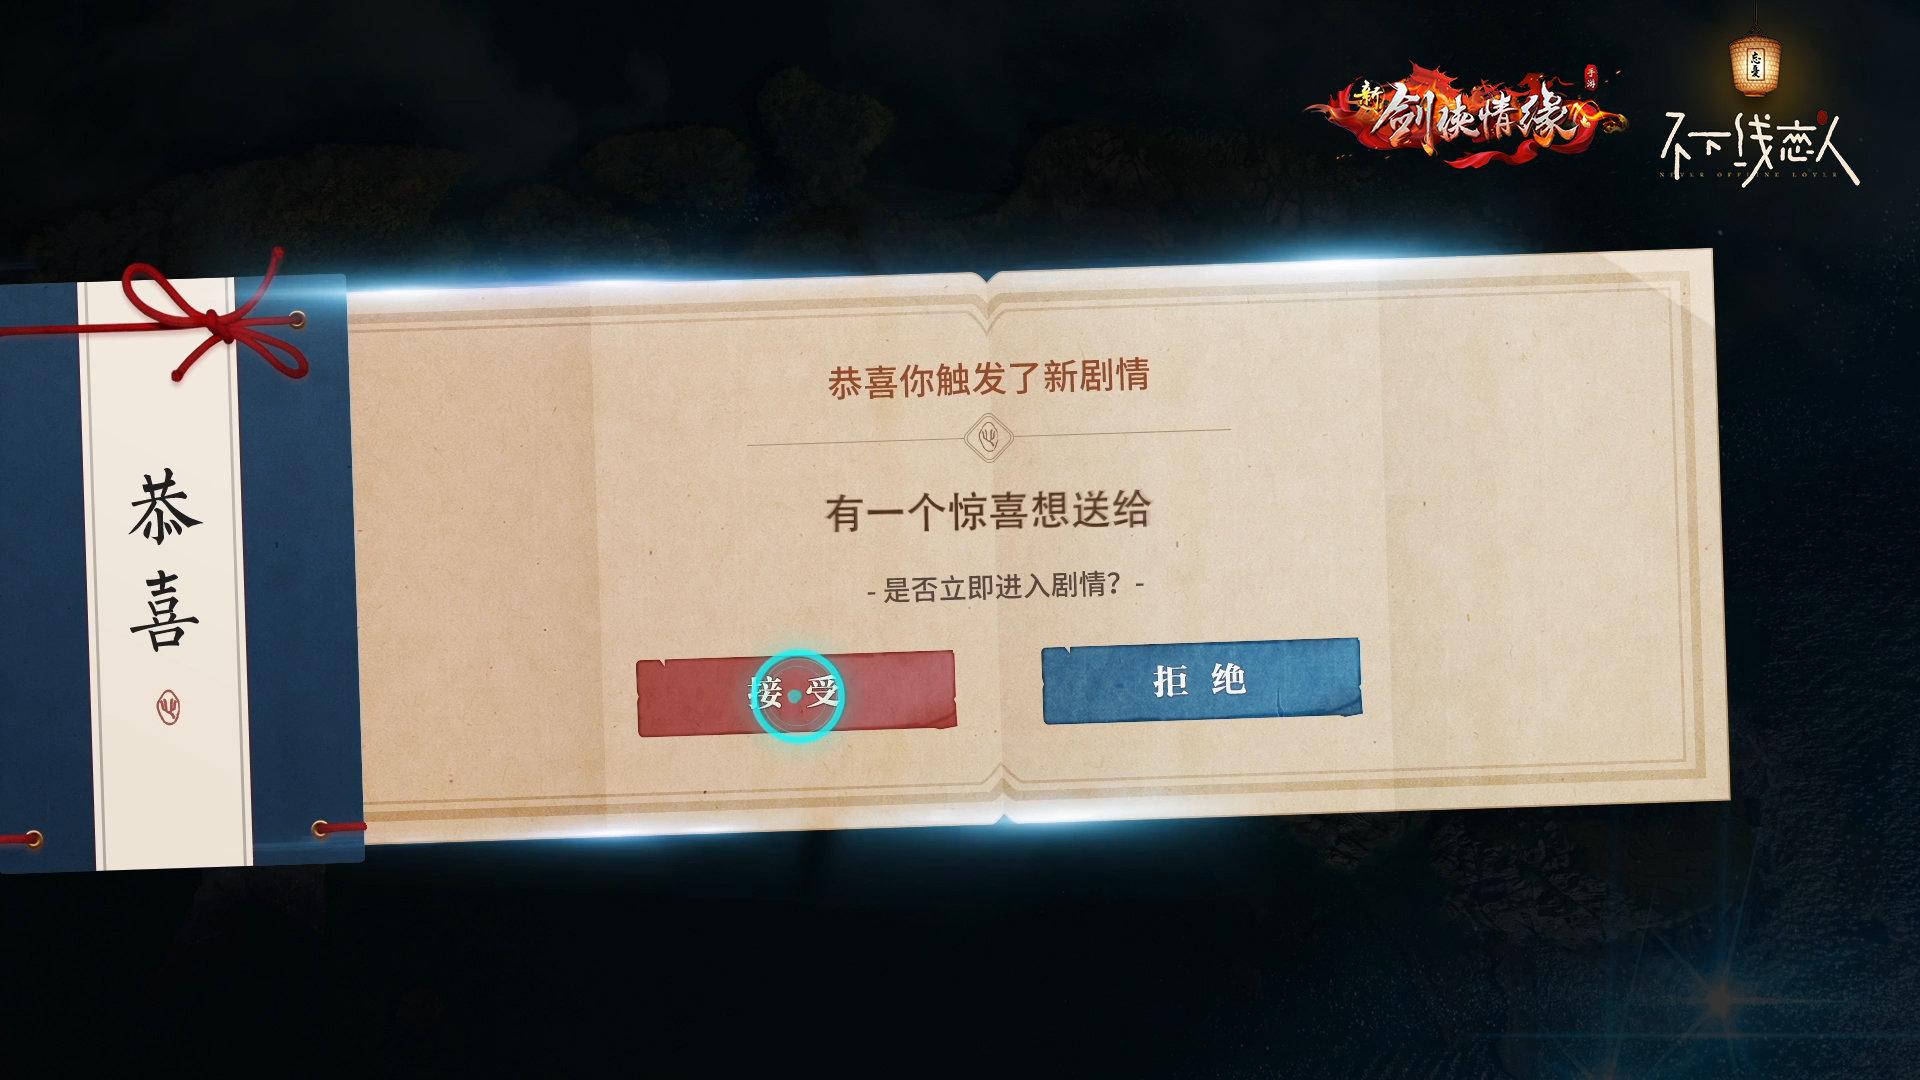 《新剑侠情缘手游》9月推出首部真人恋爱互动小游戏《忘忧酒馆:不下线恋人》 